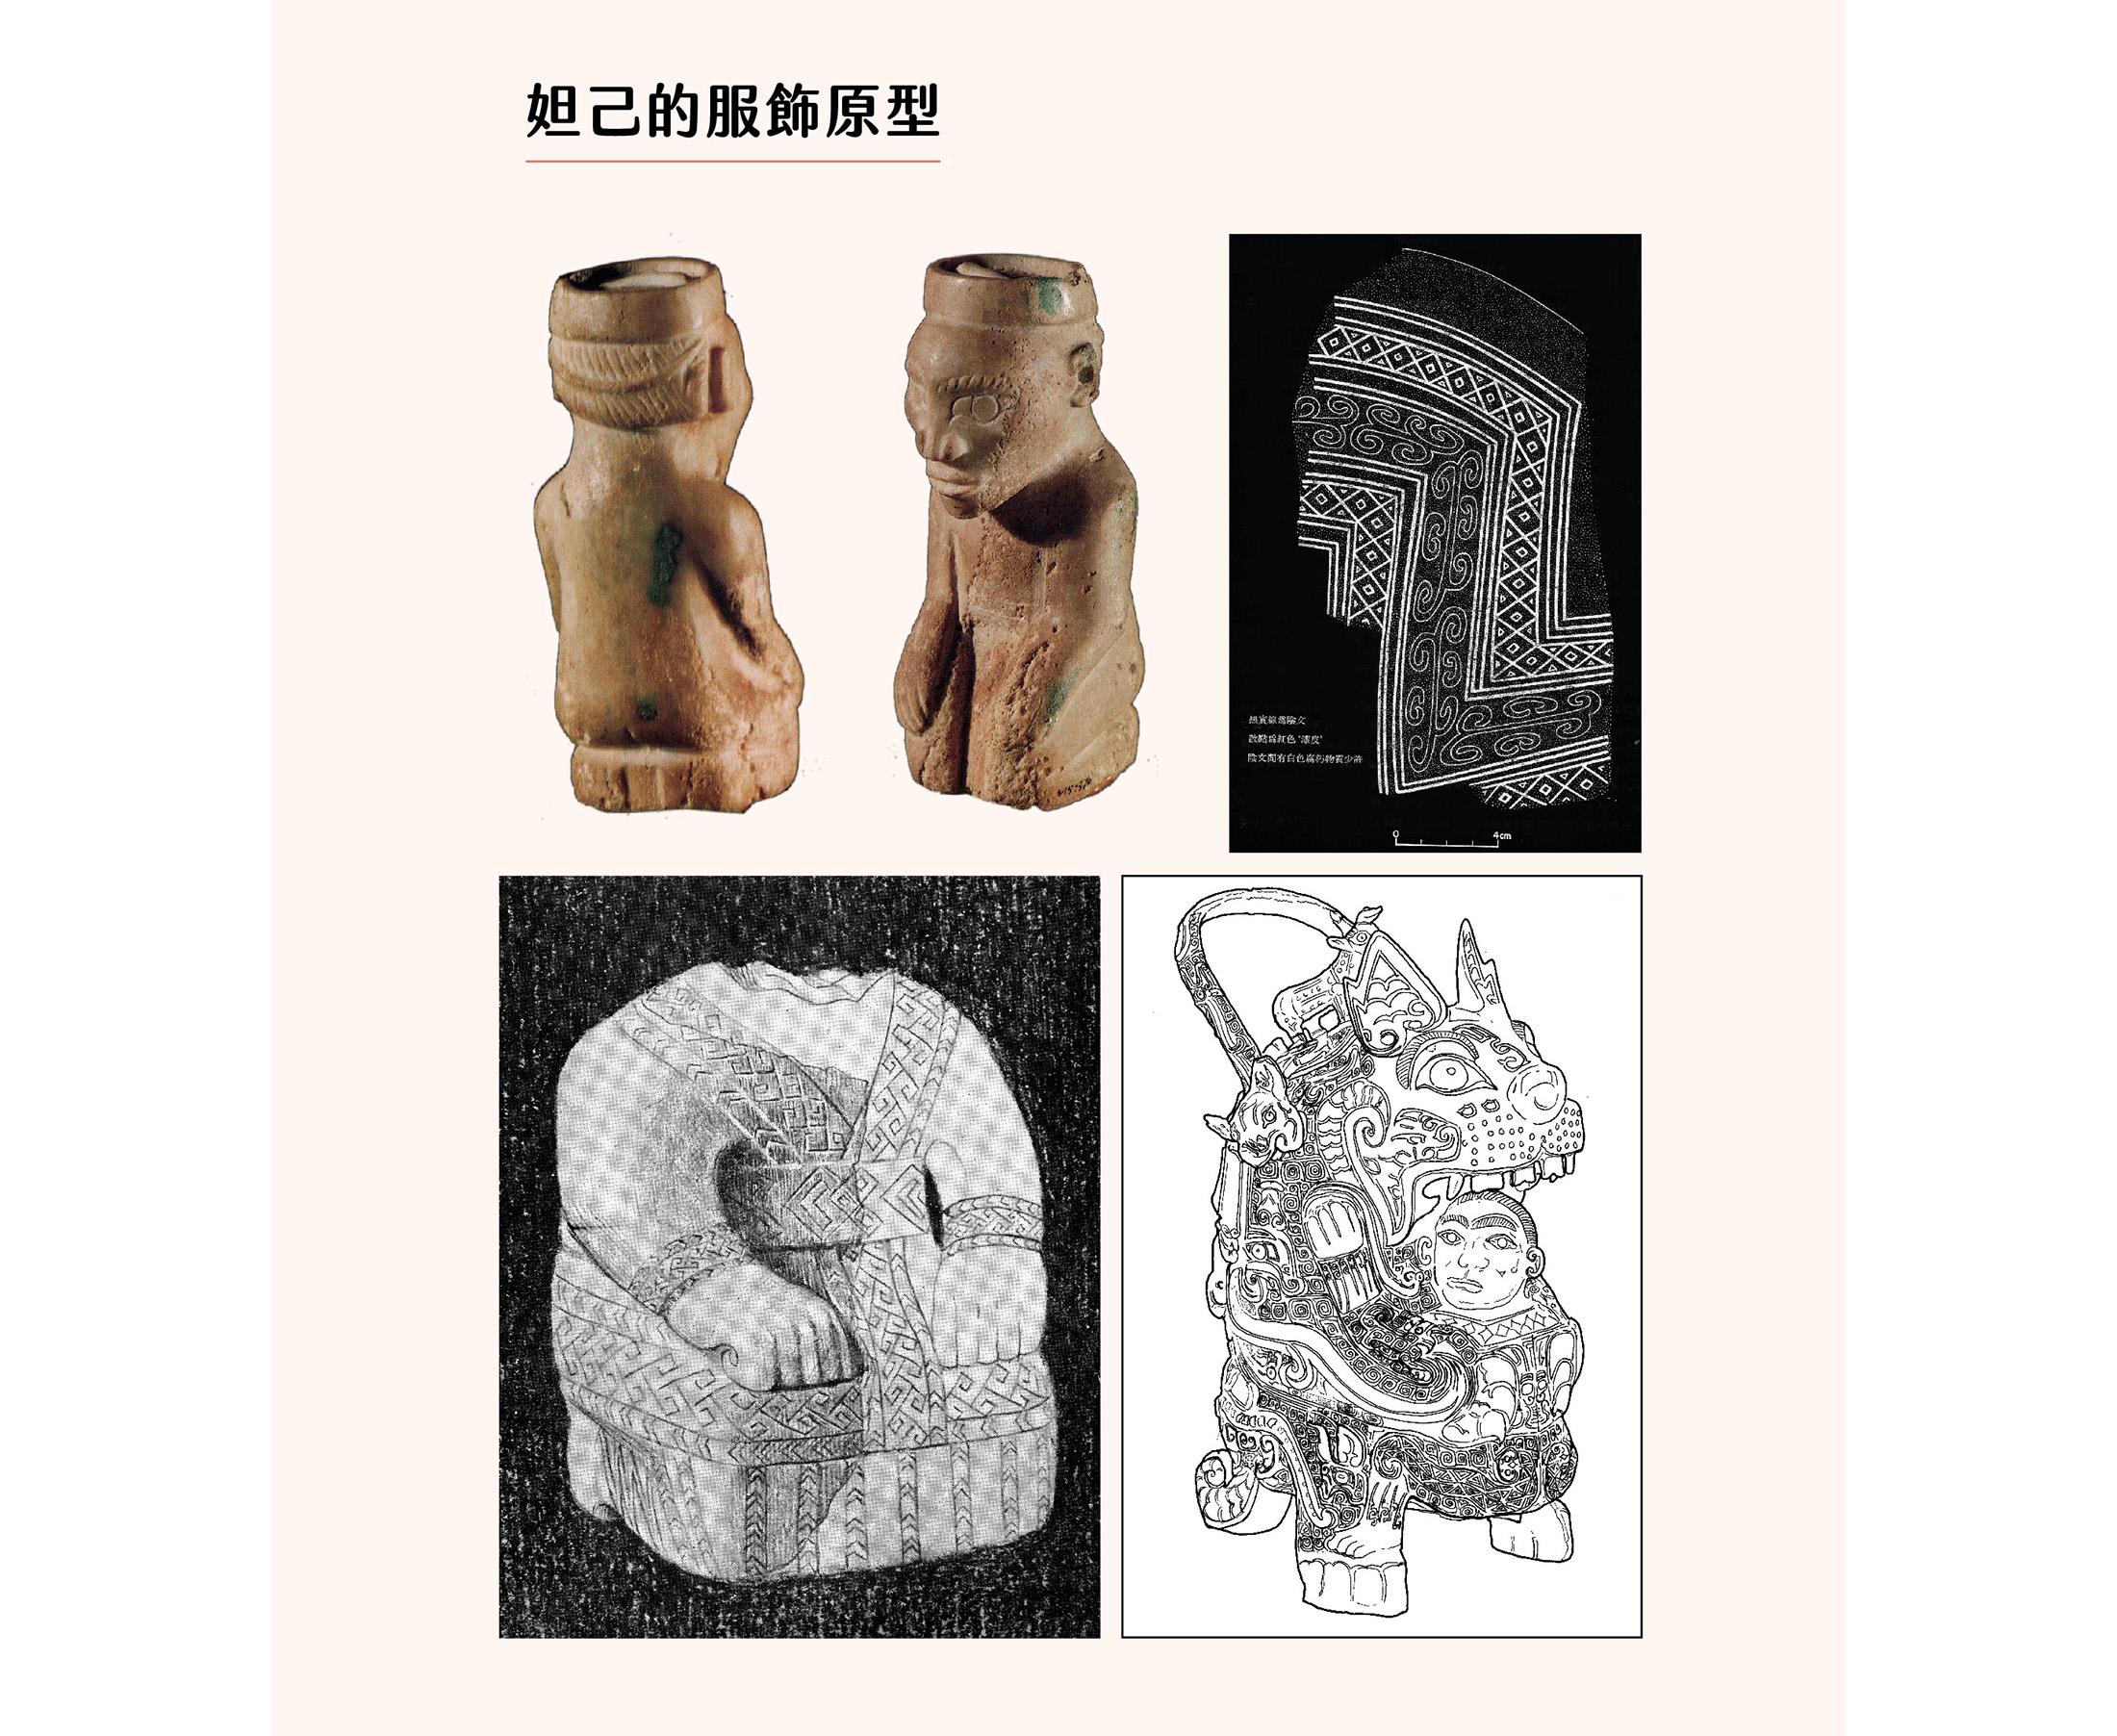 根據殷墟出土的石人(左上),商人會用頭箍固定髮型。妲己身為女將軍,皮甲原型來自 1004 號大墓出土指揮官皮甲(右上)。妲己的戎服樣式則參考大量出土文物,包括陳仁濤舊藏跪坐石人(左下)、泉屋博物館虎食人卣(右下)等。圖│中研院歷史語言研究所、中國科學院